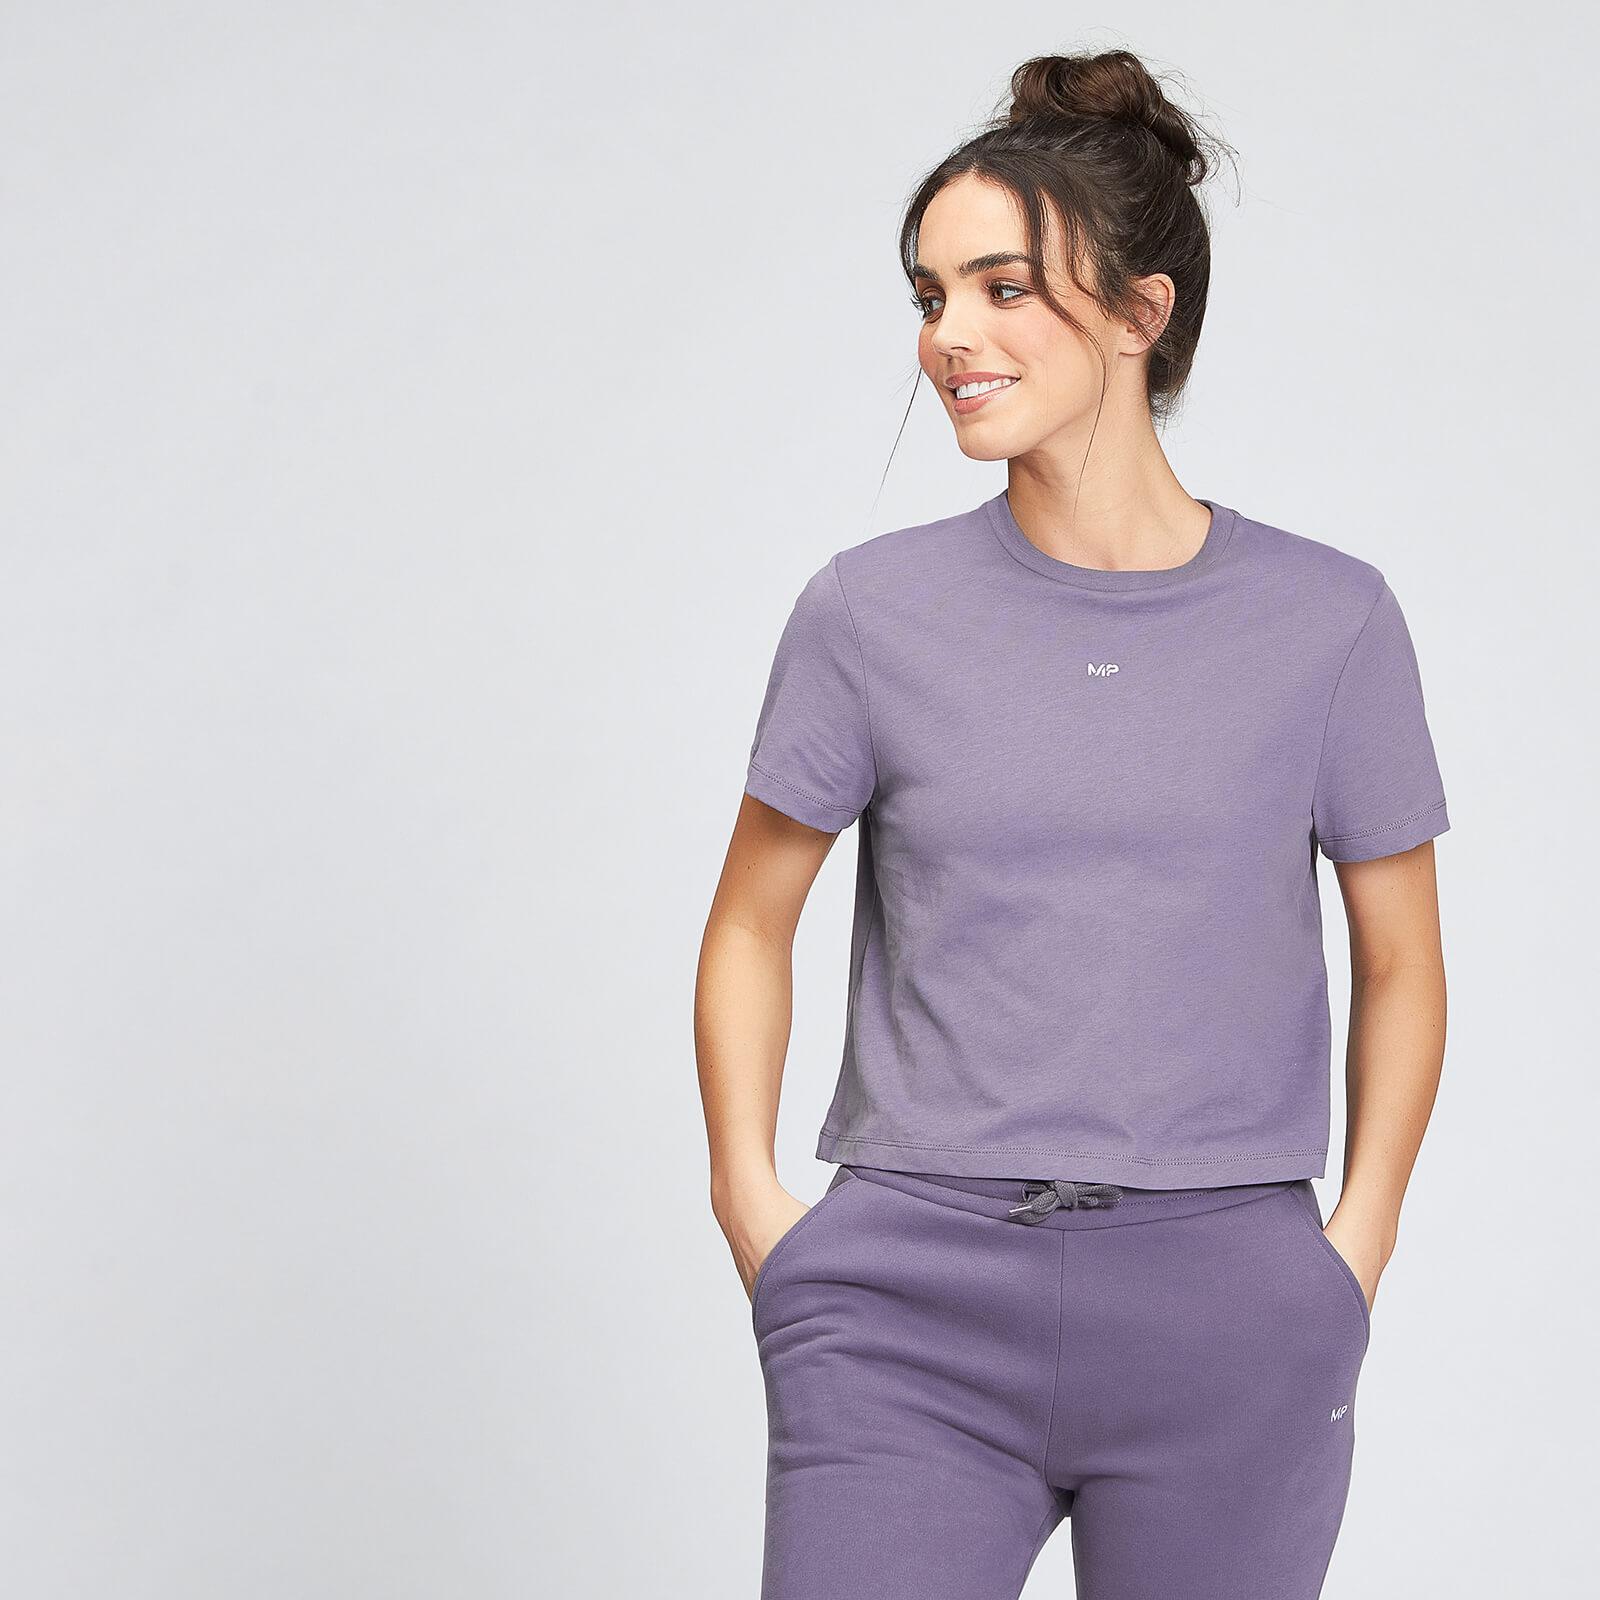 Купить MP Women's Essentials Crop T-Shirt - Smokey Purple - XL, Myprotein International